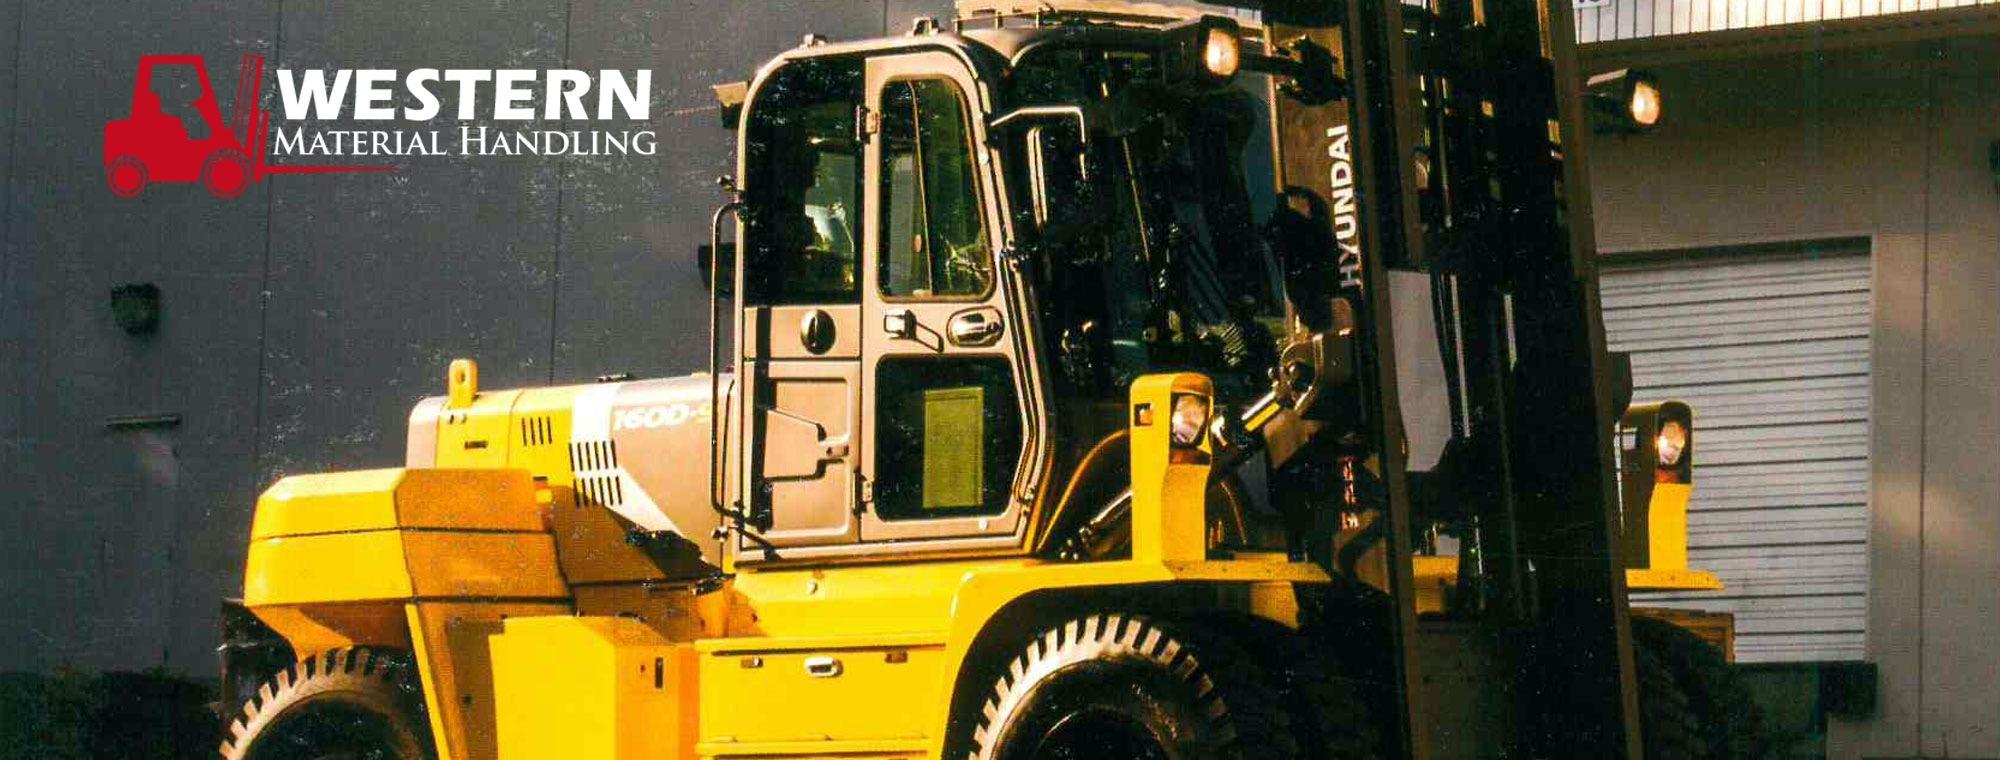 Western Material Handling | Forklift Dealers | Forklifts for